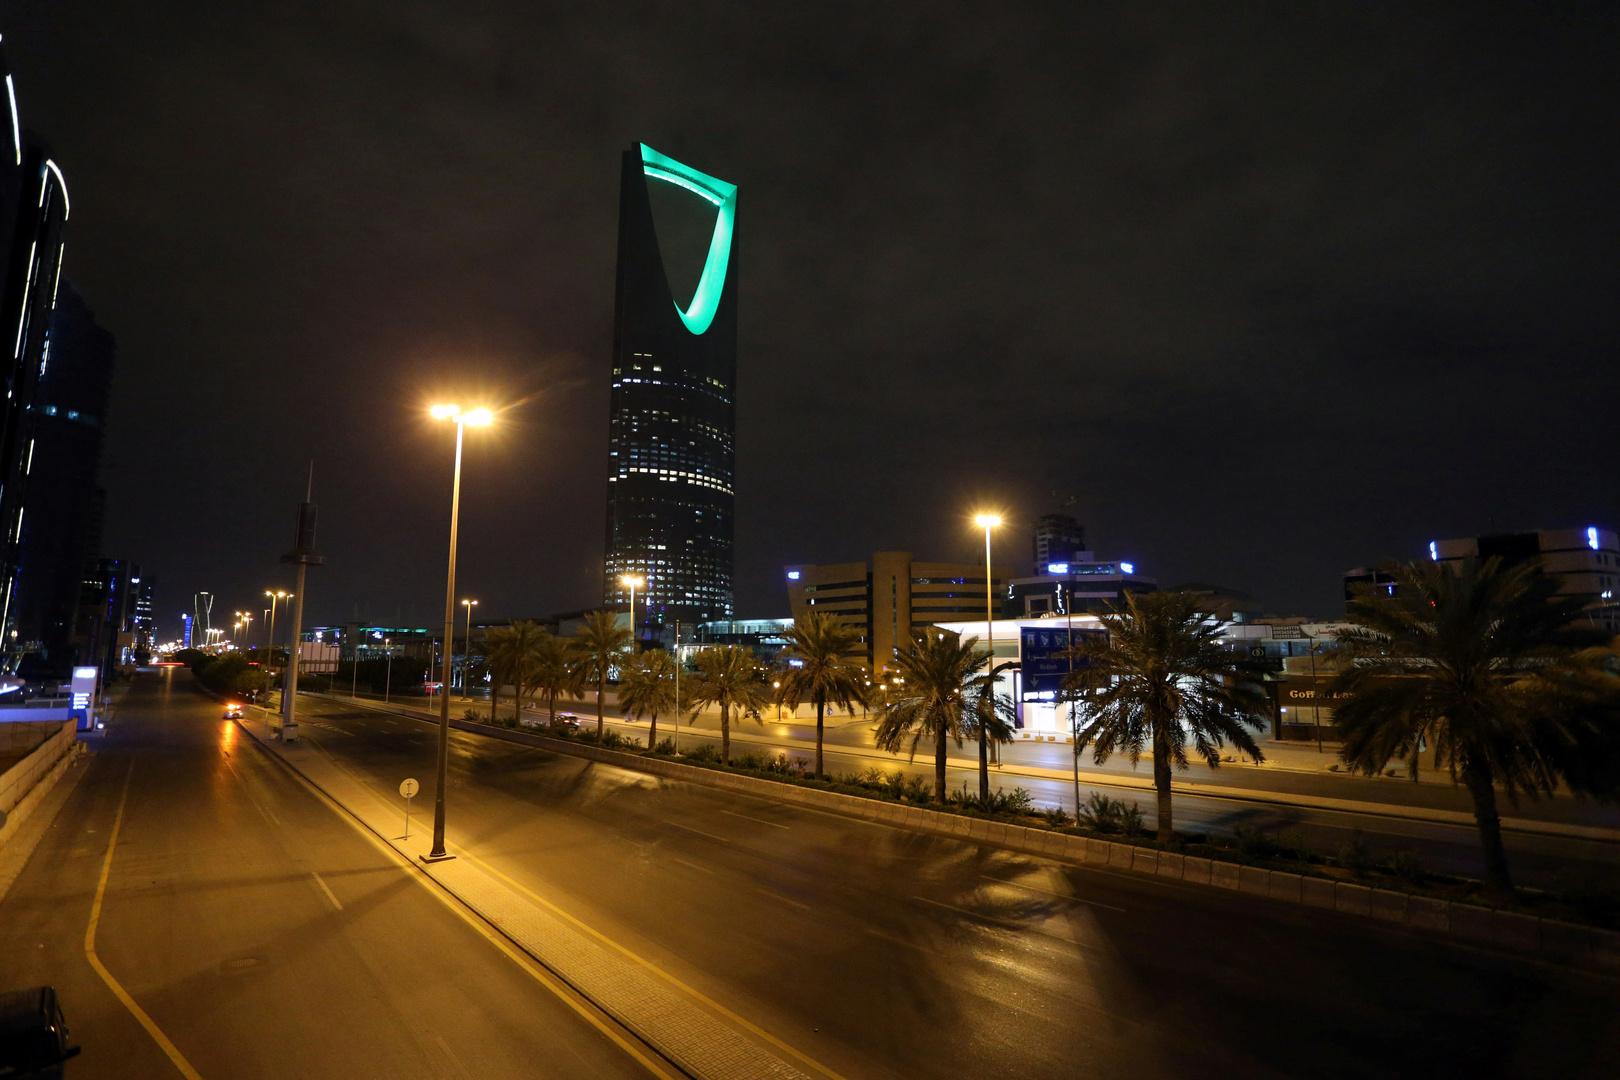 سعوديون ينجحون في وقف تنفيذ إعدام 3 مصريين وفلسطيني